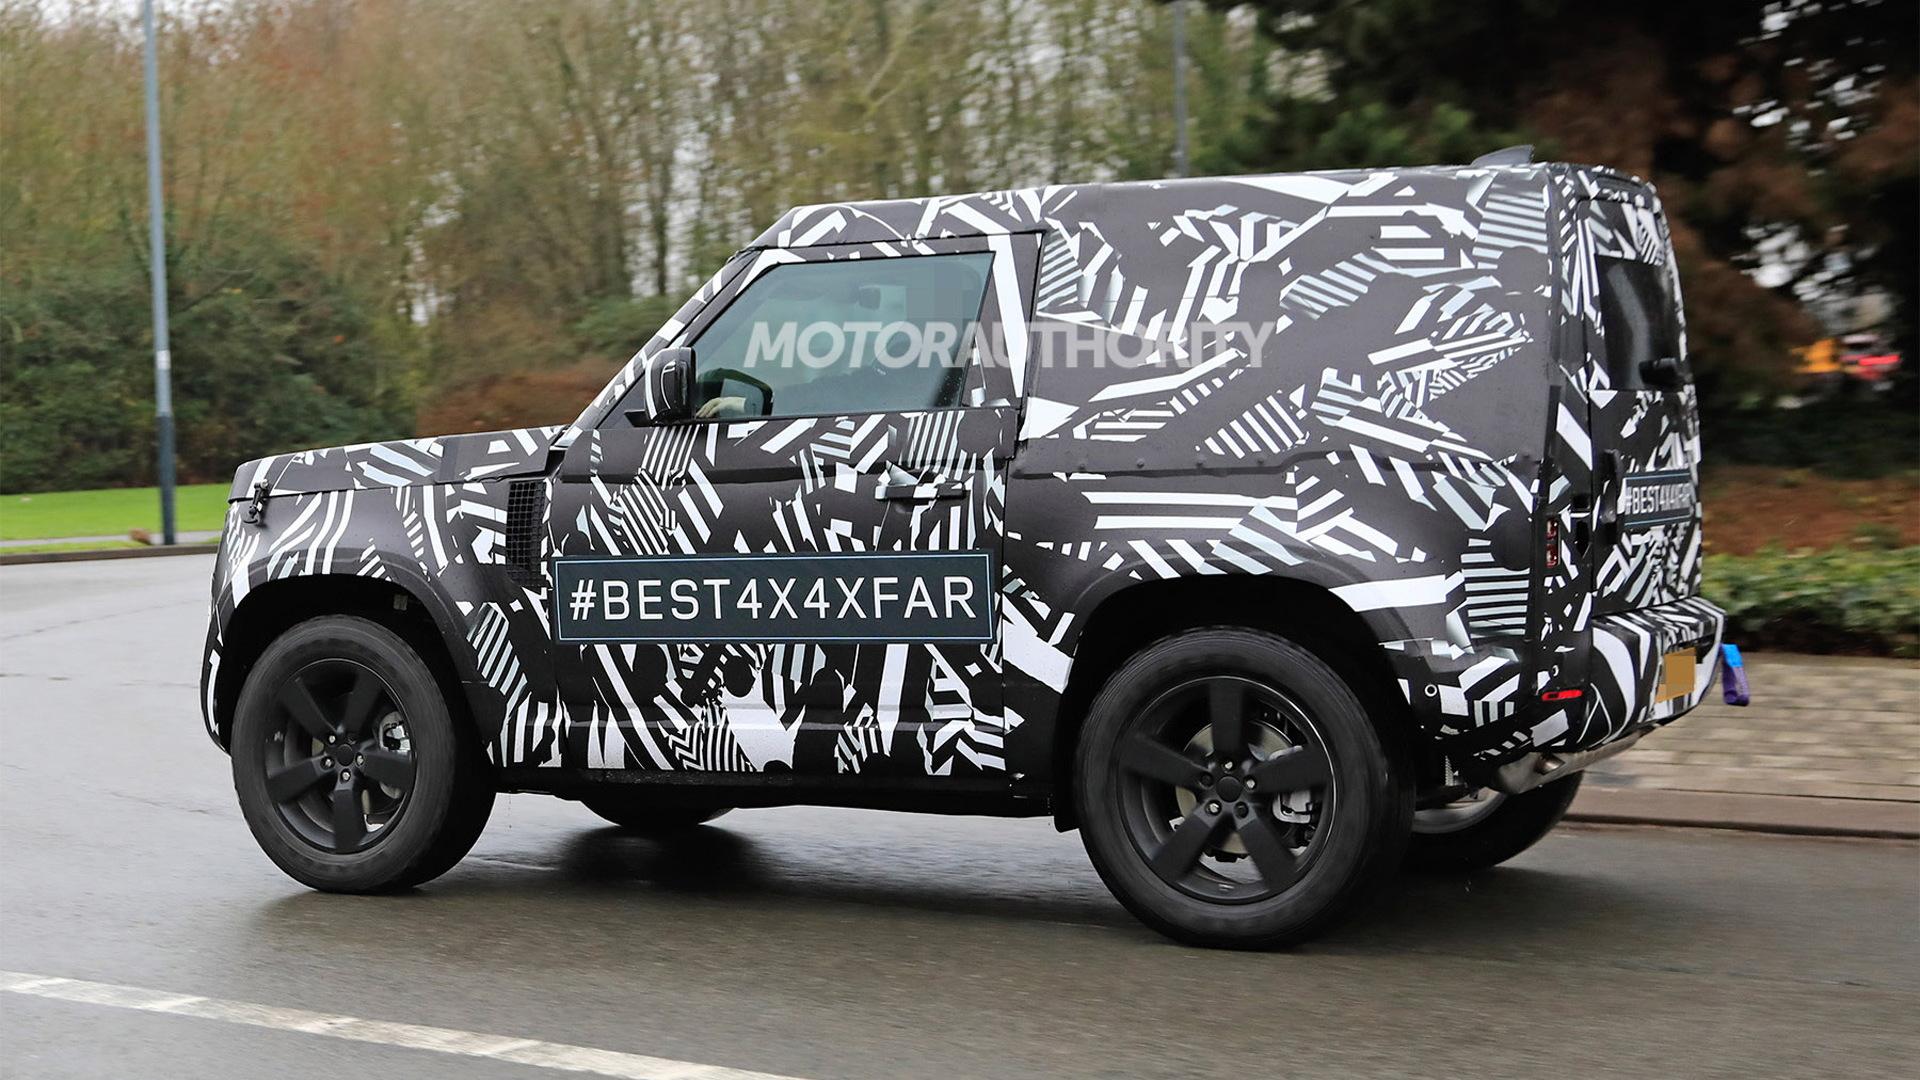 2021 Land Rover Defender 3-door spy shots - Image via S. Baldauf/SB-Medien